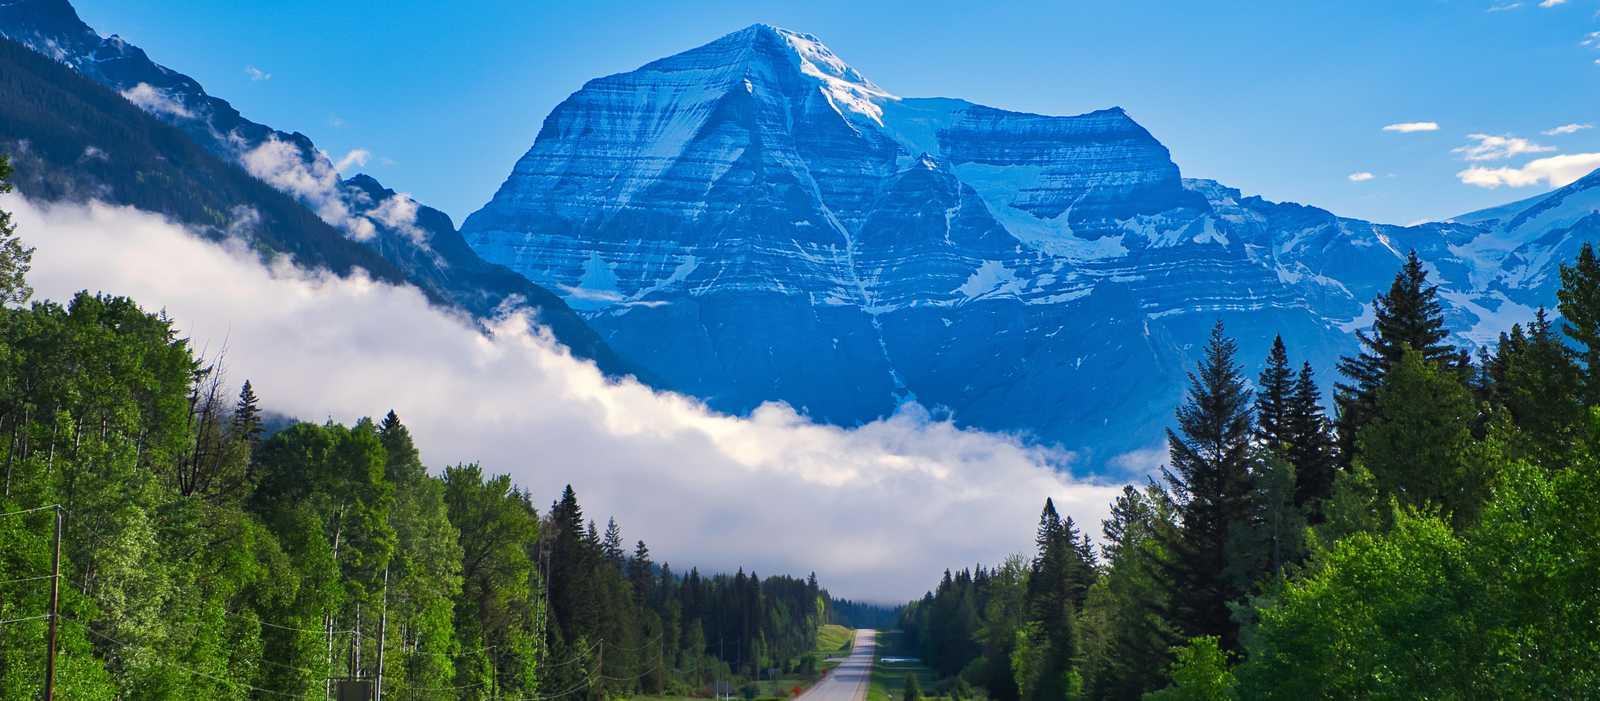 Fahrt auf dem Highway durch die Rocky Mountains mit Blick auf den Mount Robson